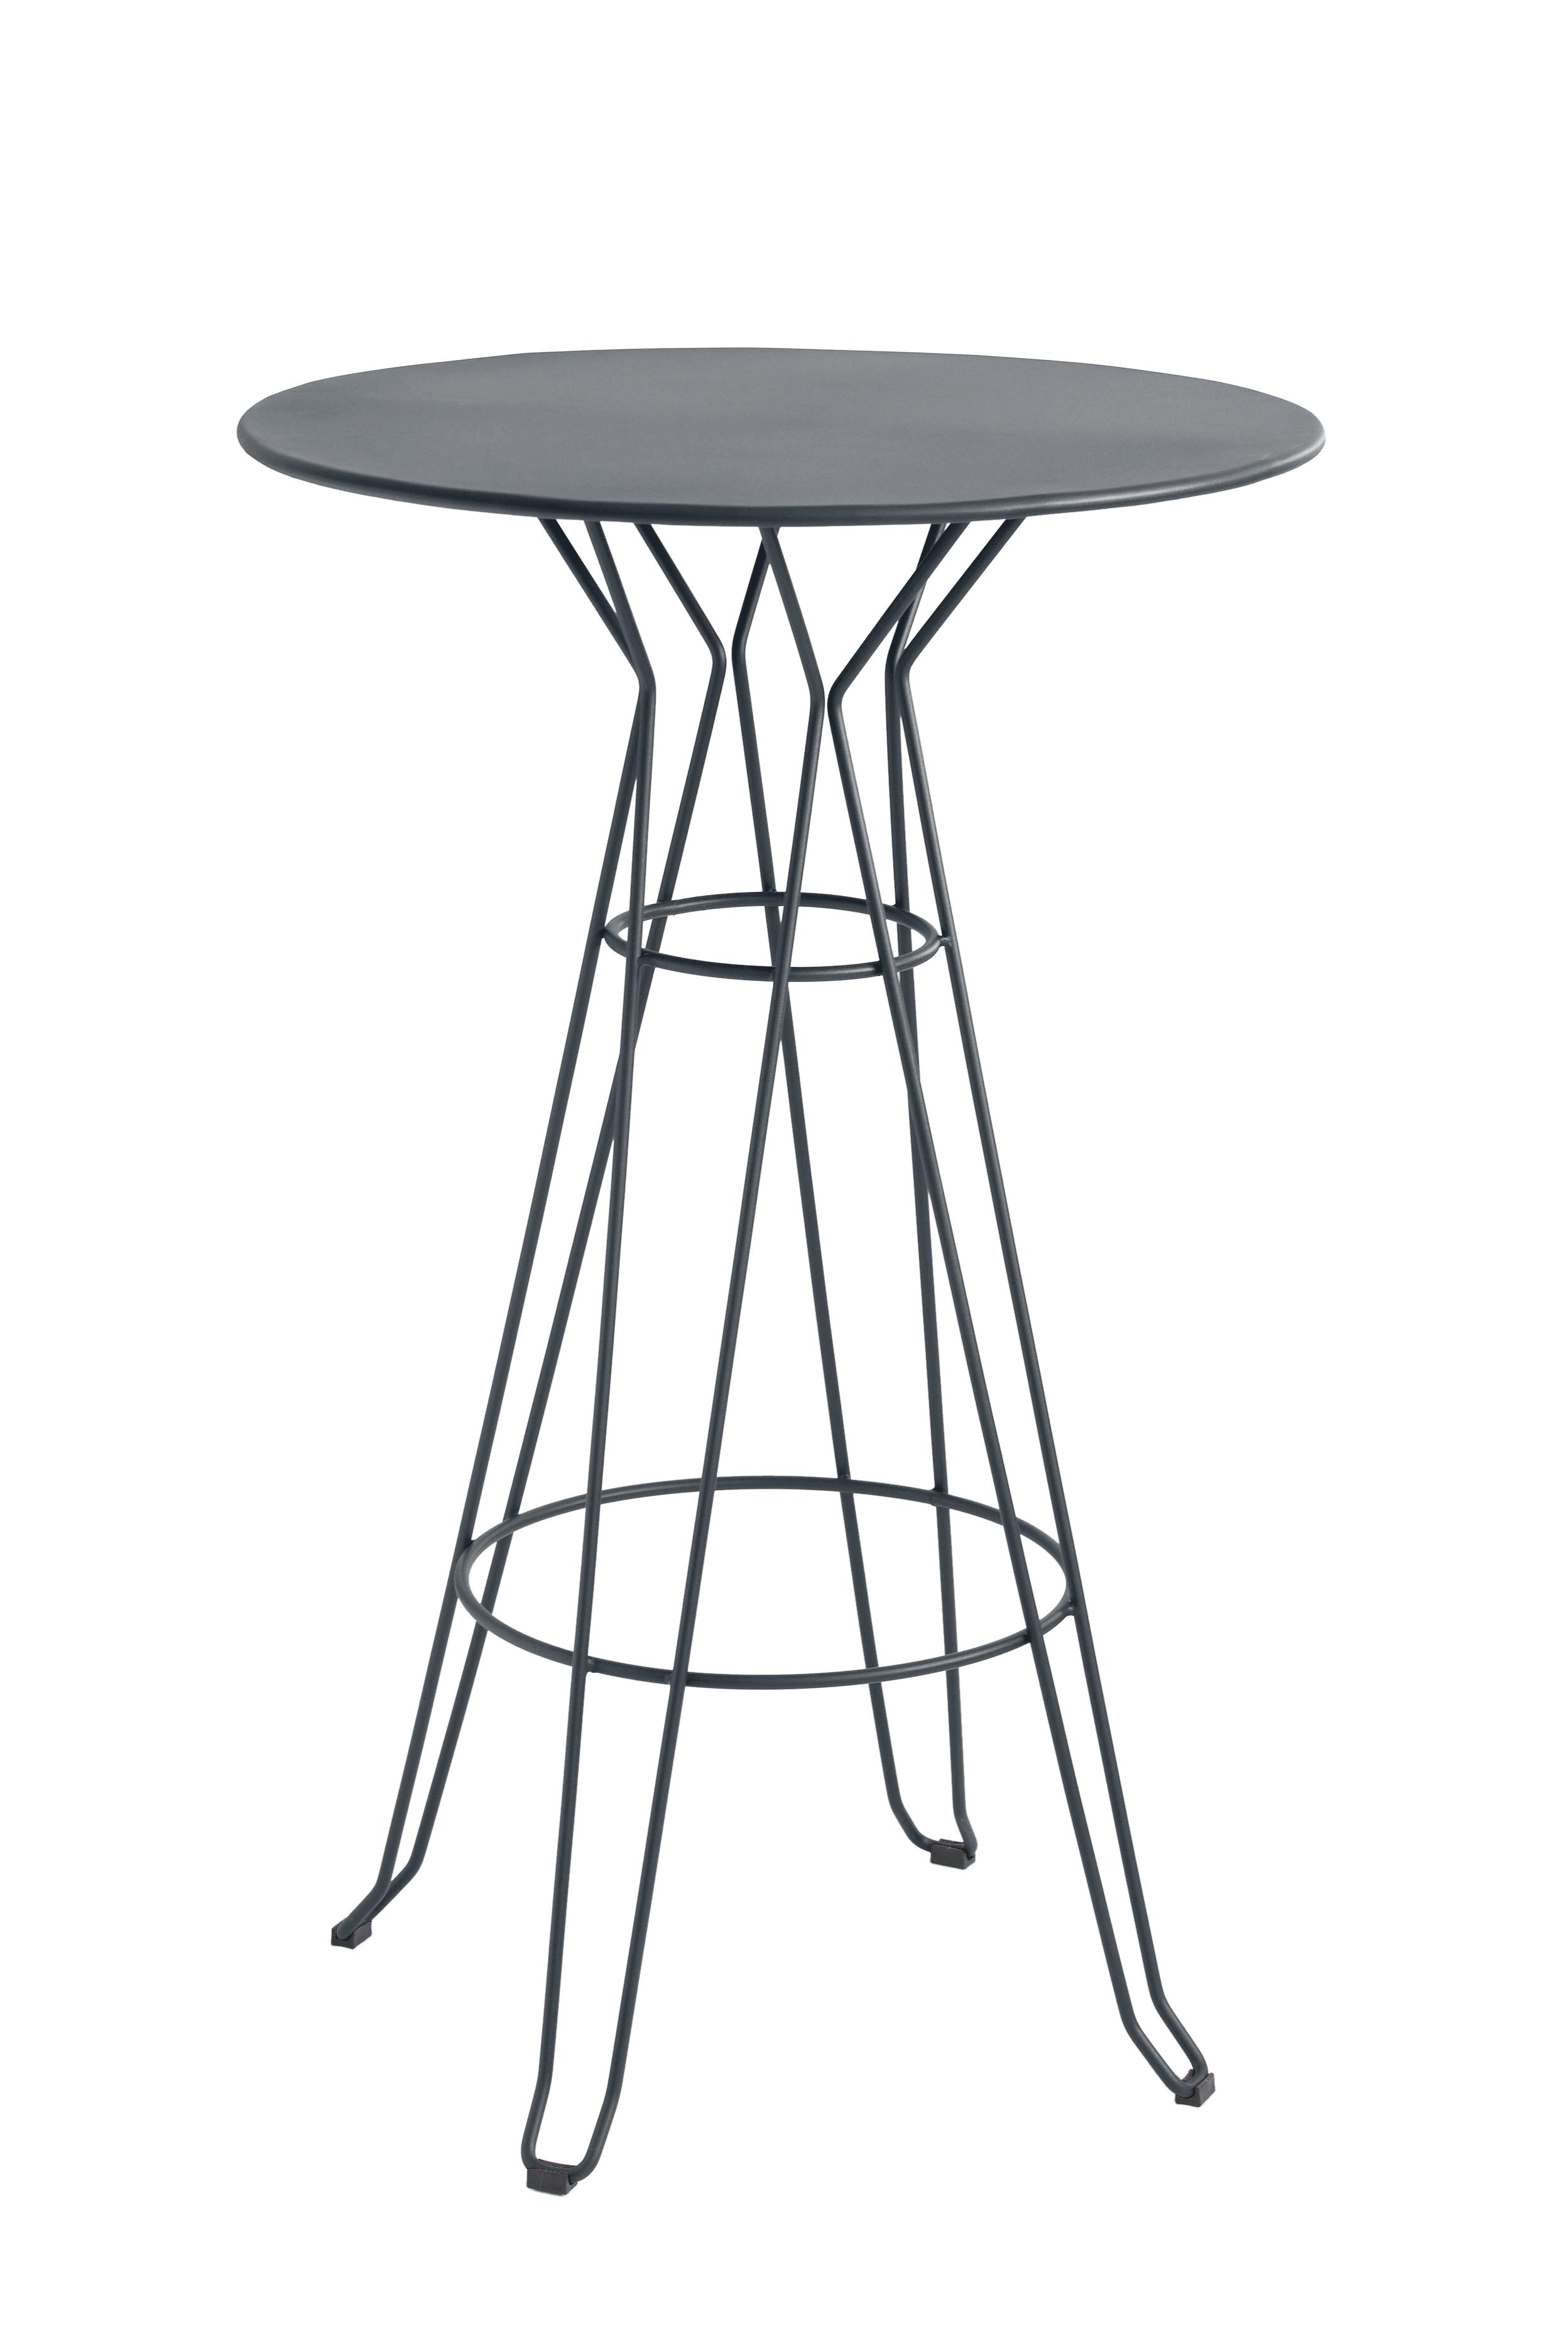 CAPRI - Table rond haute en acier gris D80